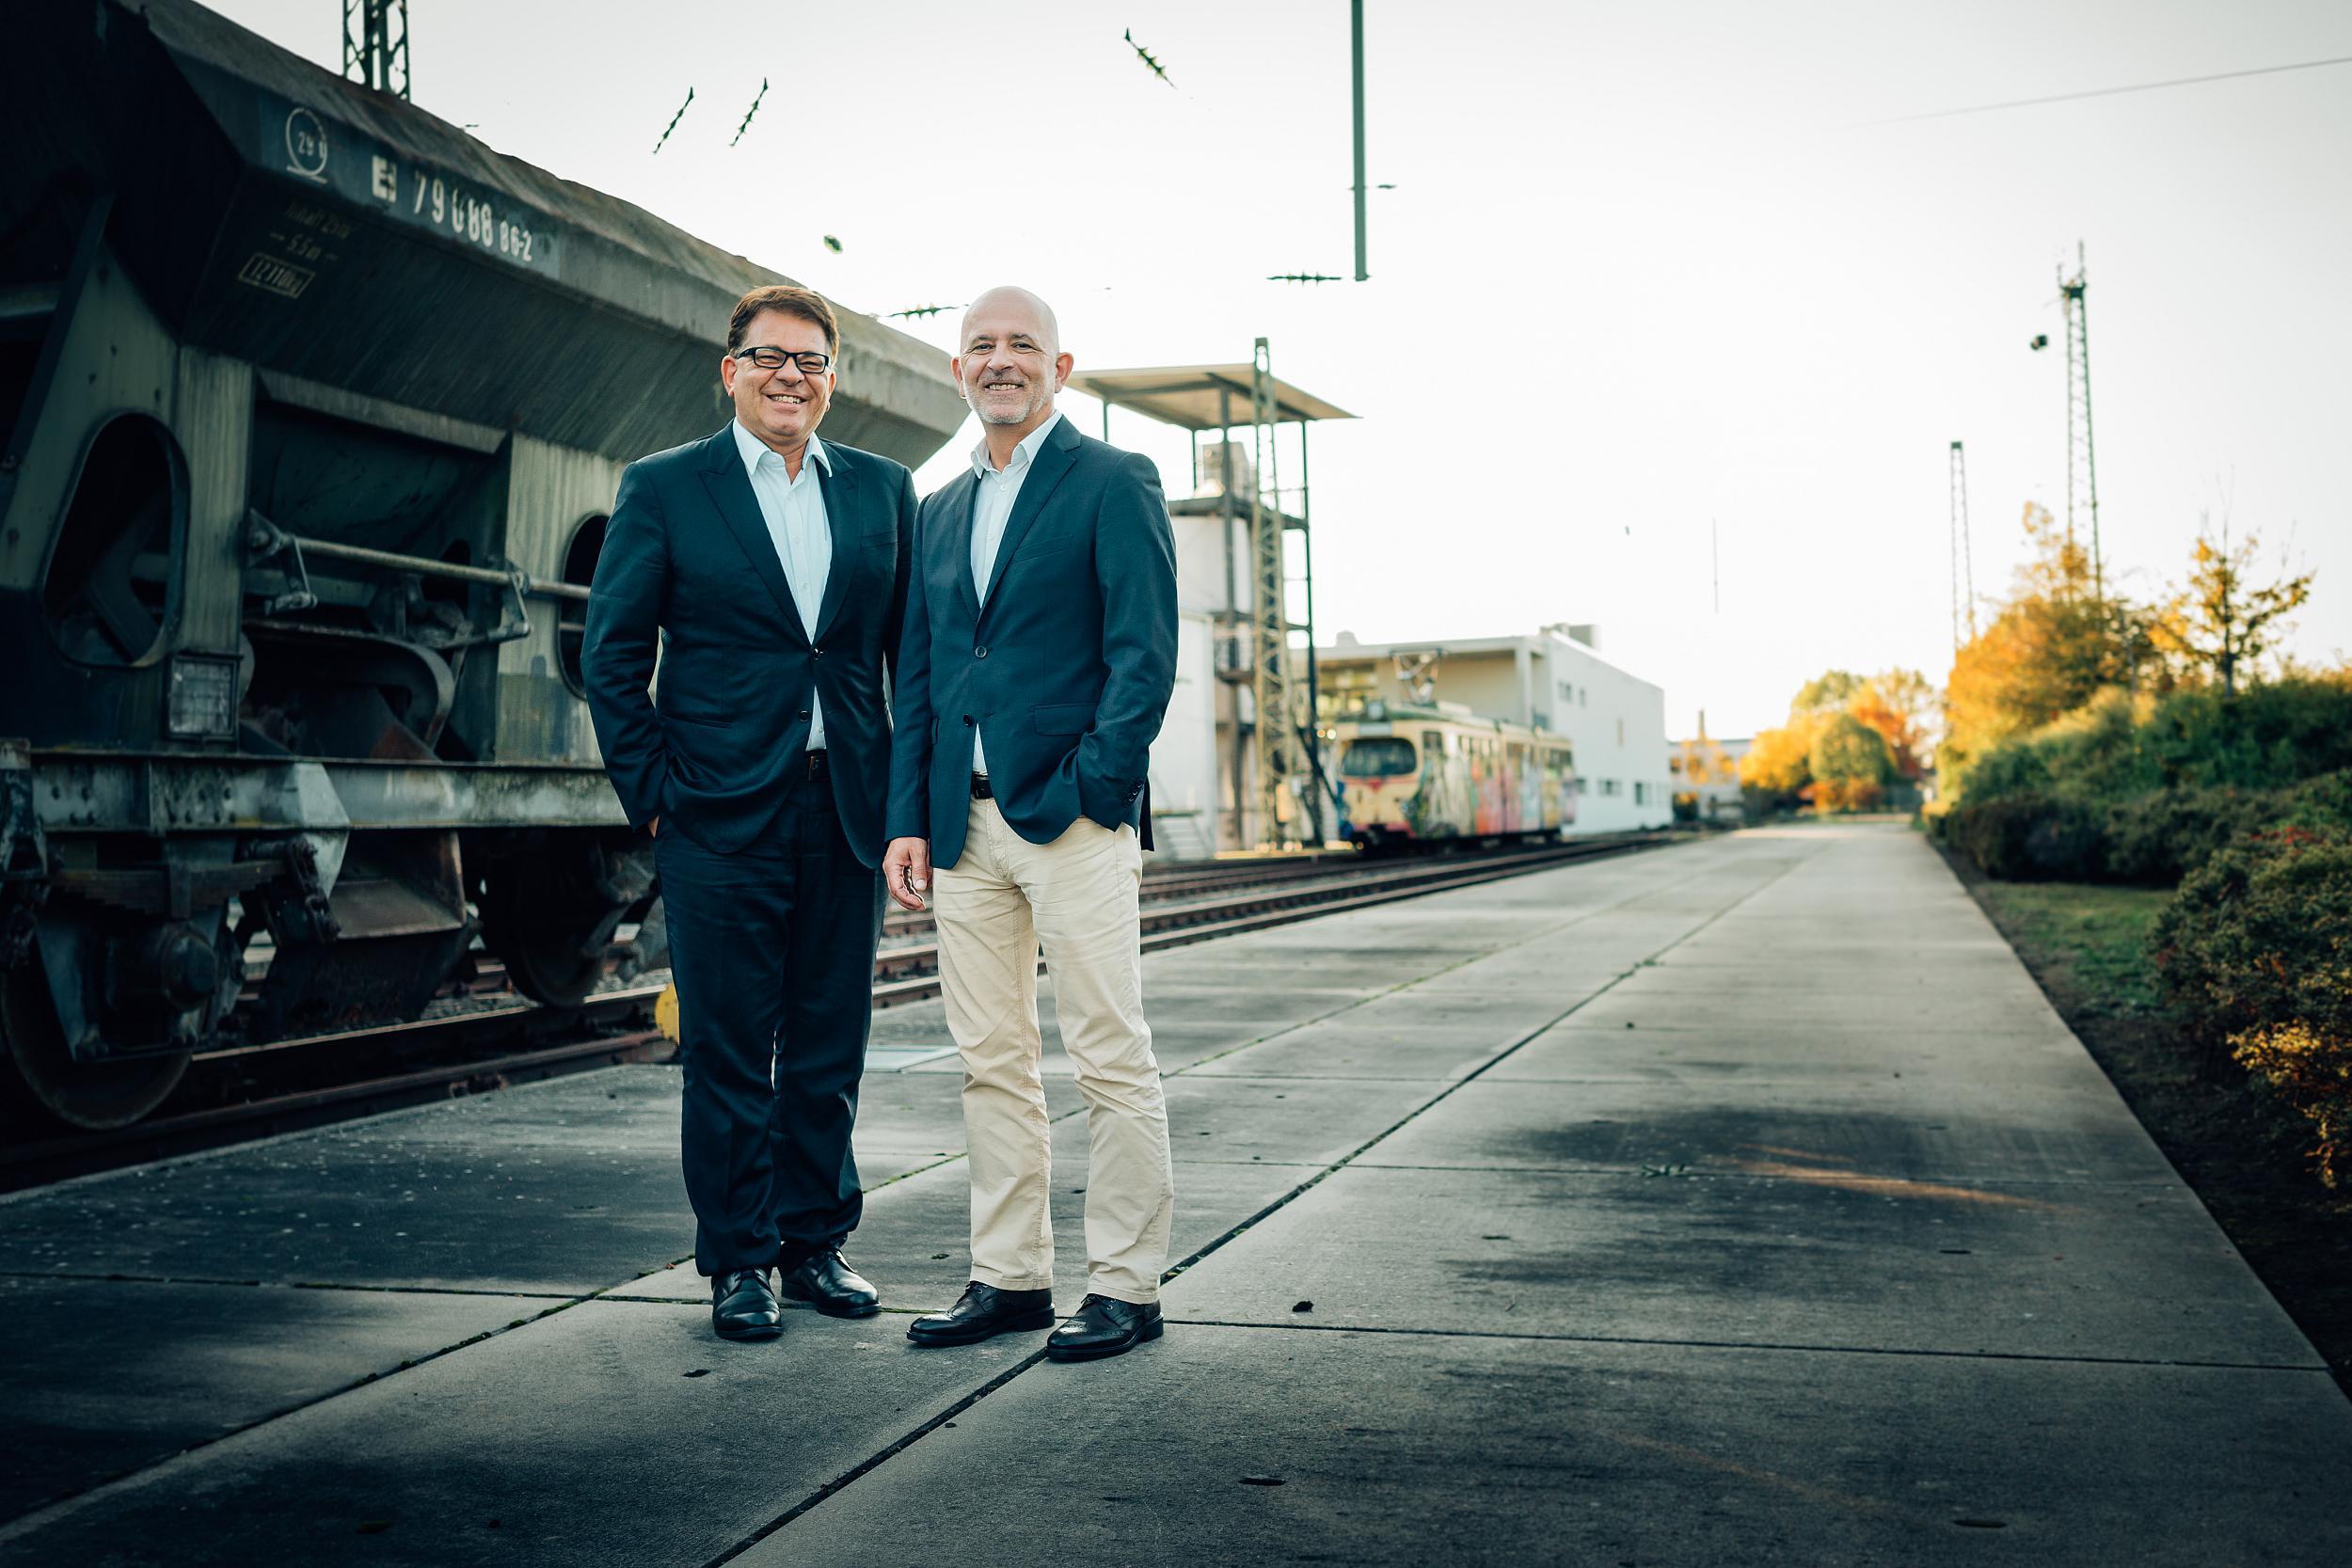 Klaus Hoppe (Kaufmännischer Leiter; CFO) und Eric Steck (Geschäftsführender Gesellschafter; CEO)